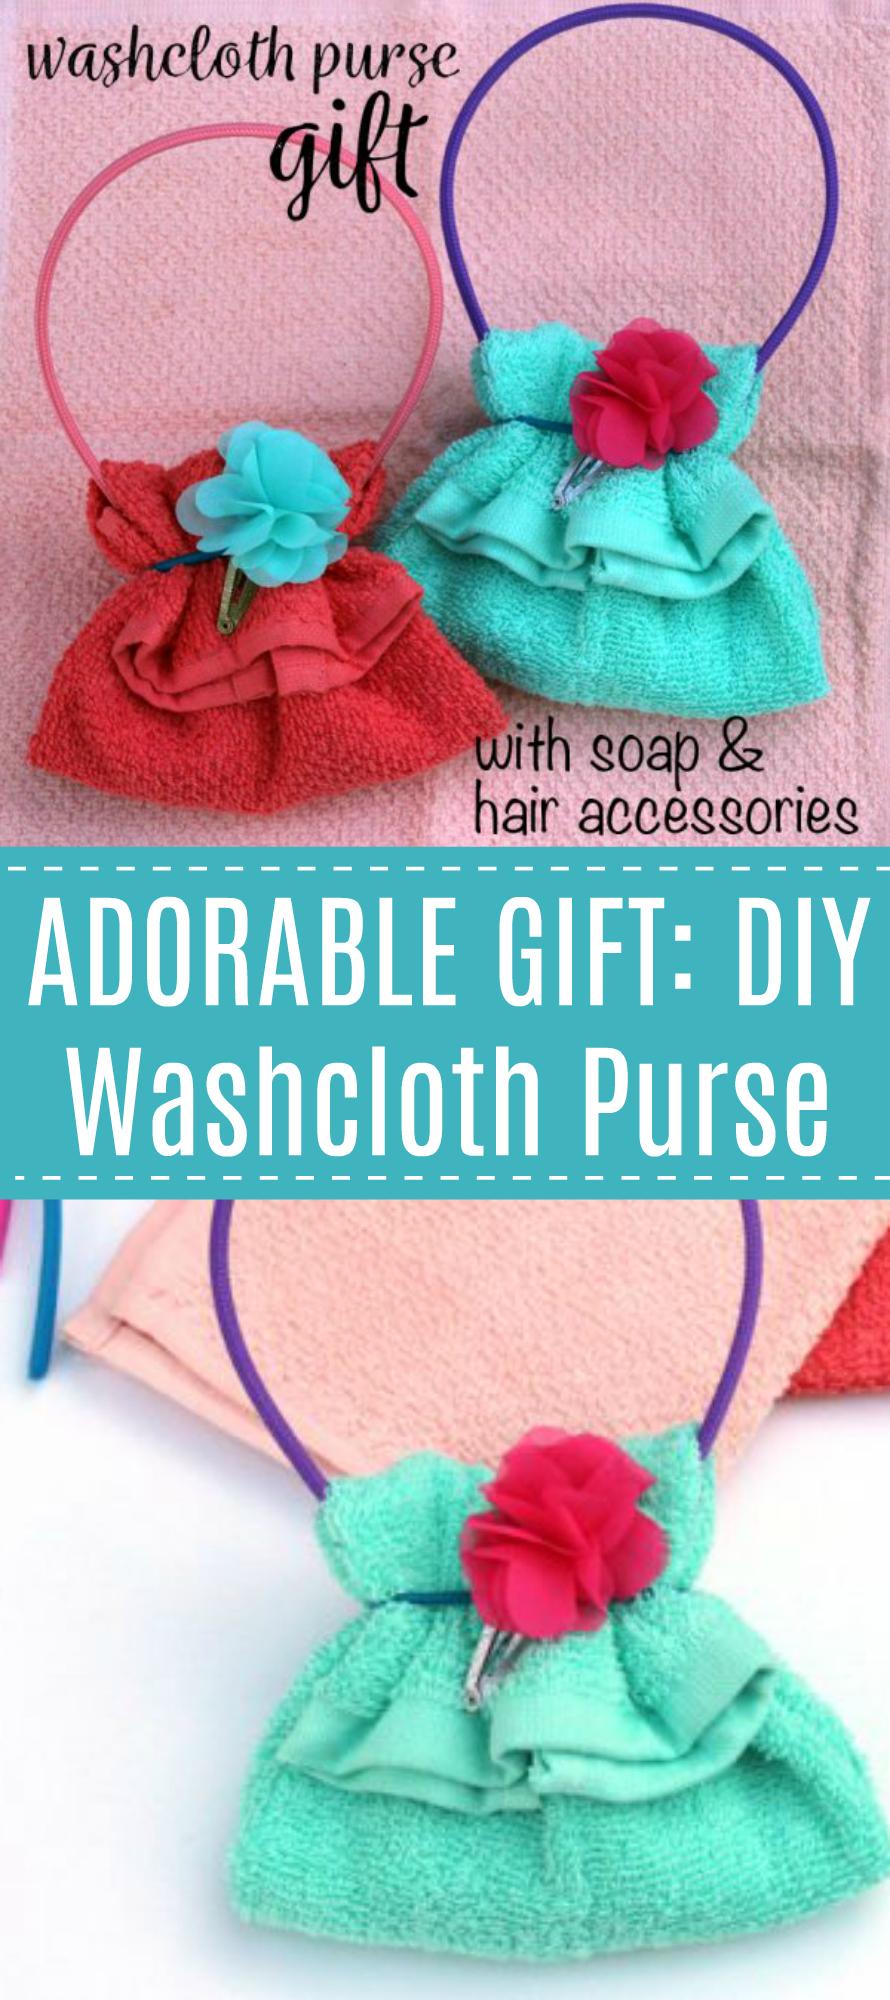 DIY Washcloth Purse Gift